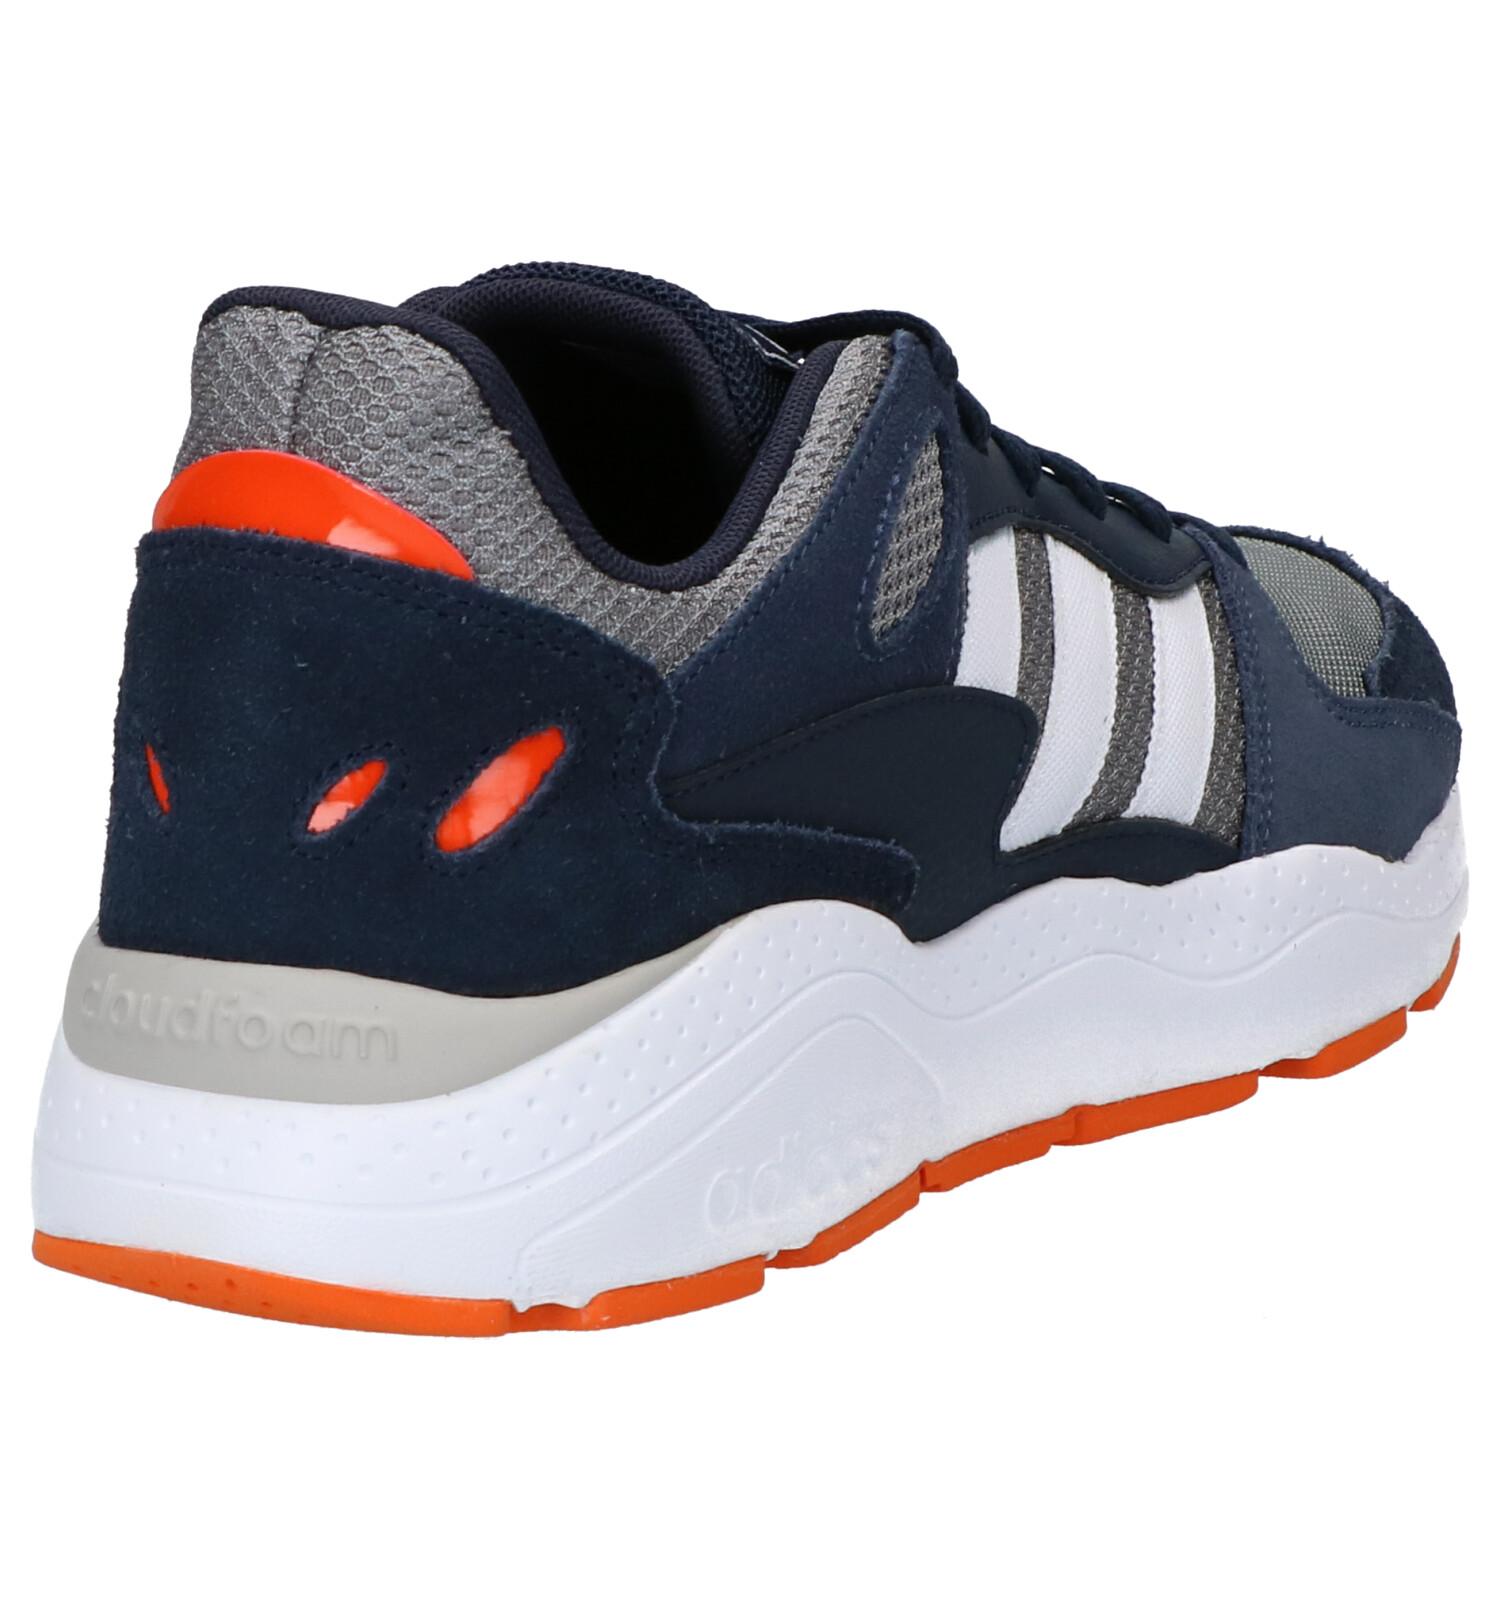 Sneakers Grijze Adidas Adidas Grijze Sneakers Chaos Chaos Chaos Grijze Sneakers Adidas Grijze TK1JlFc